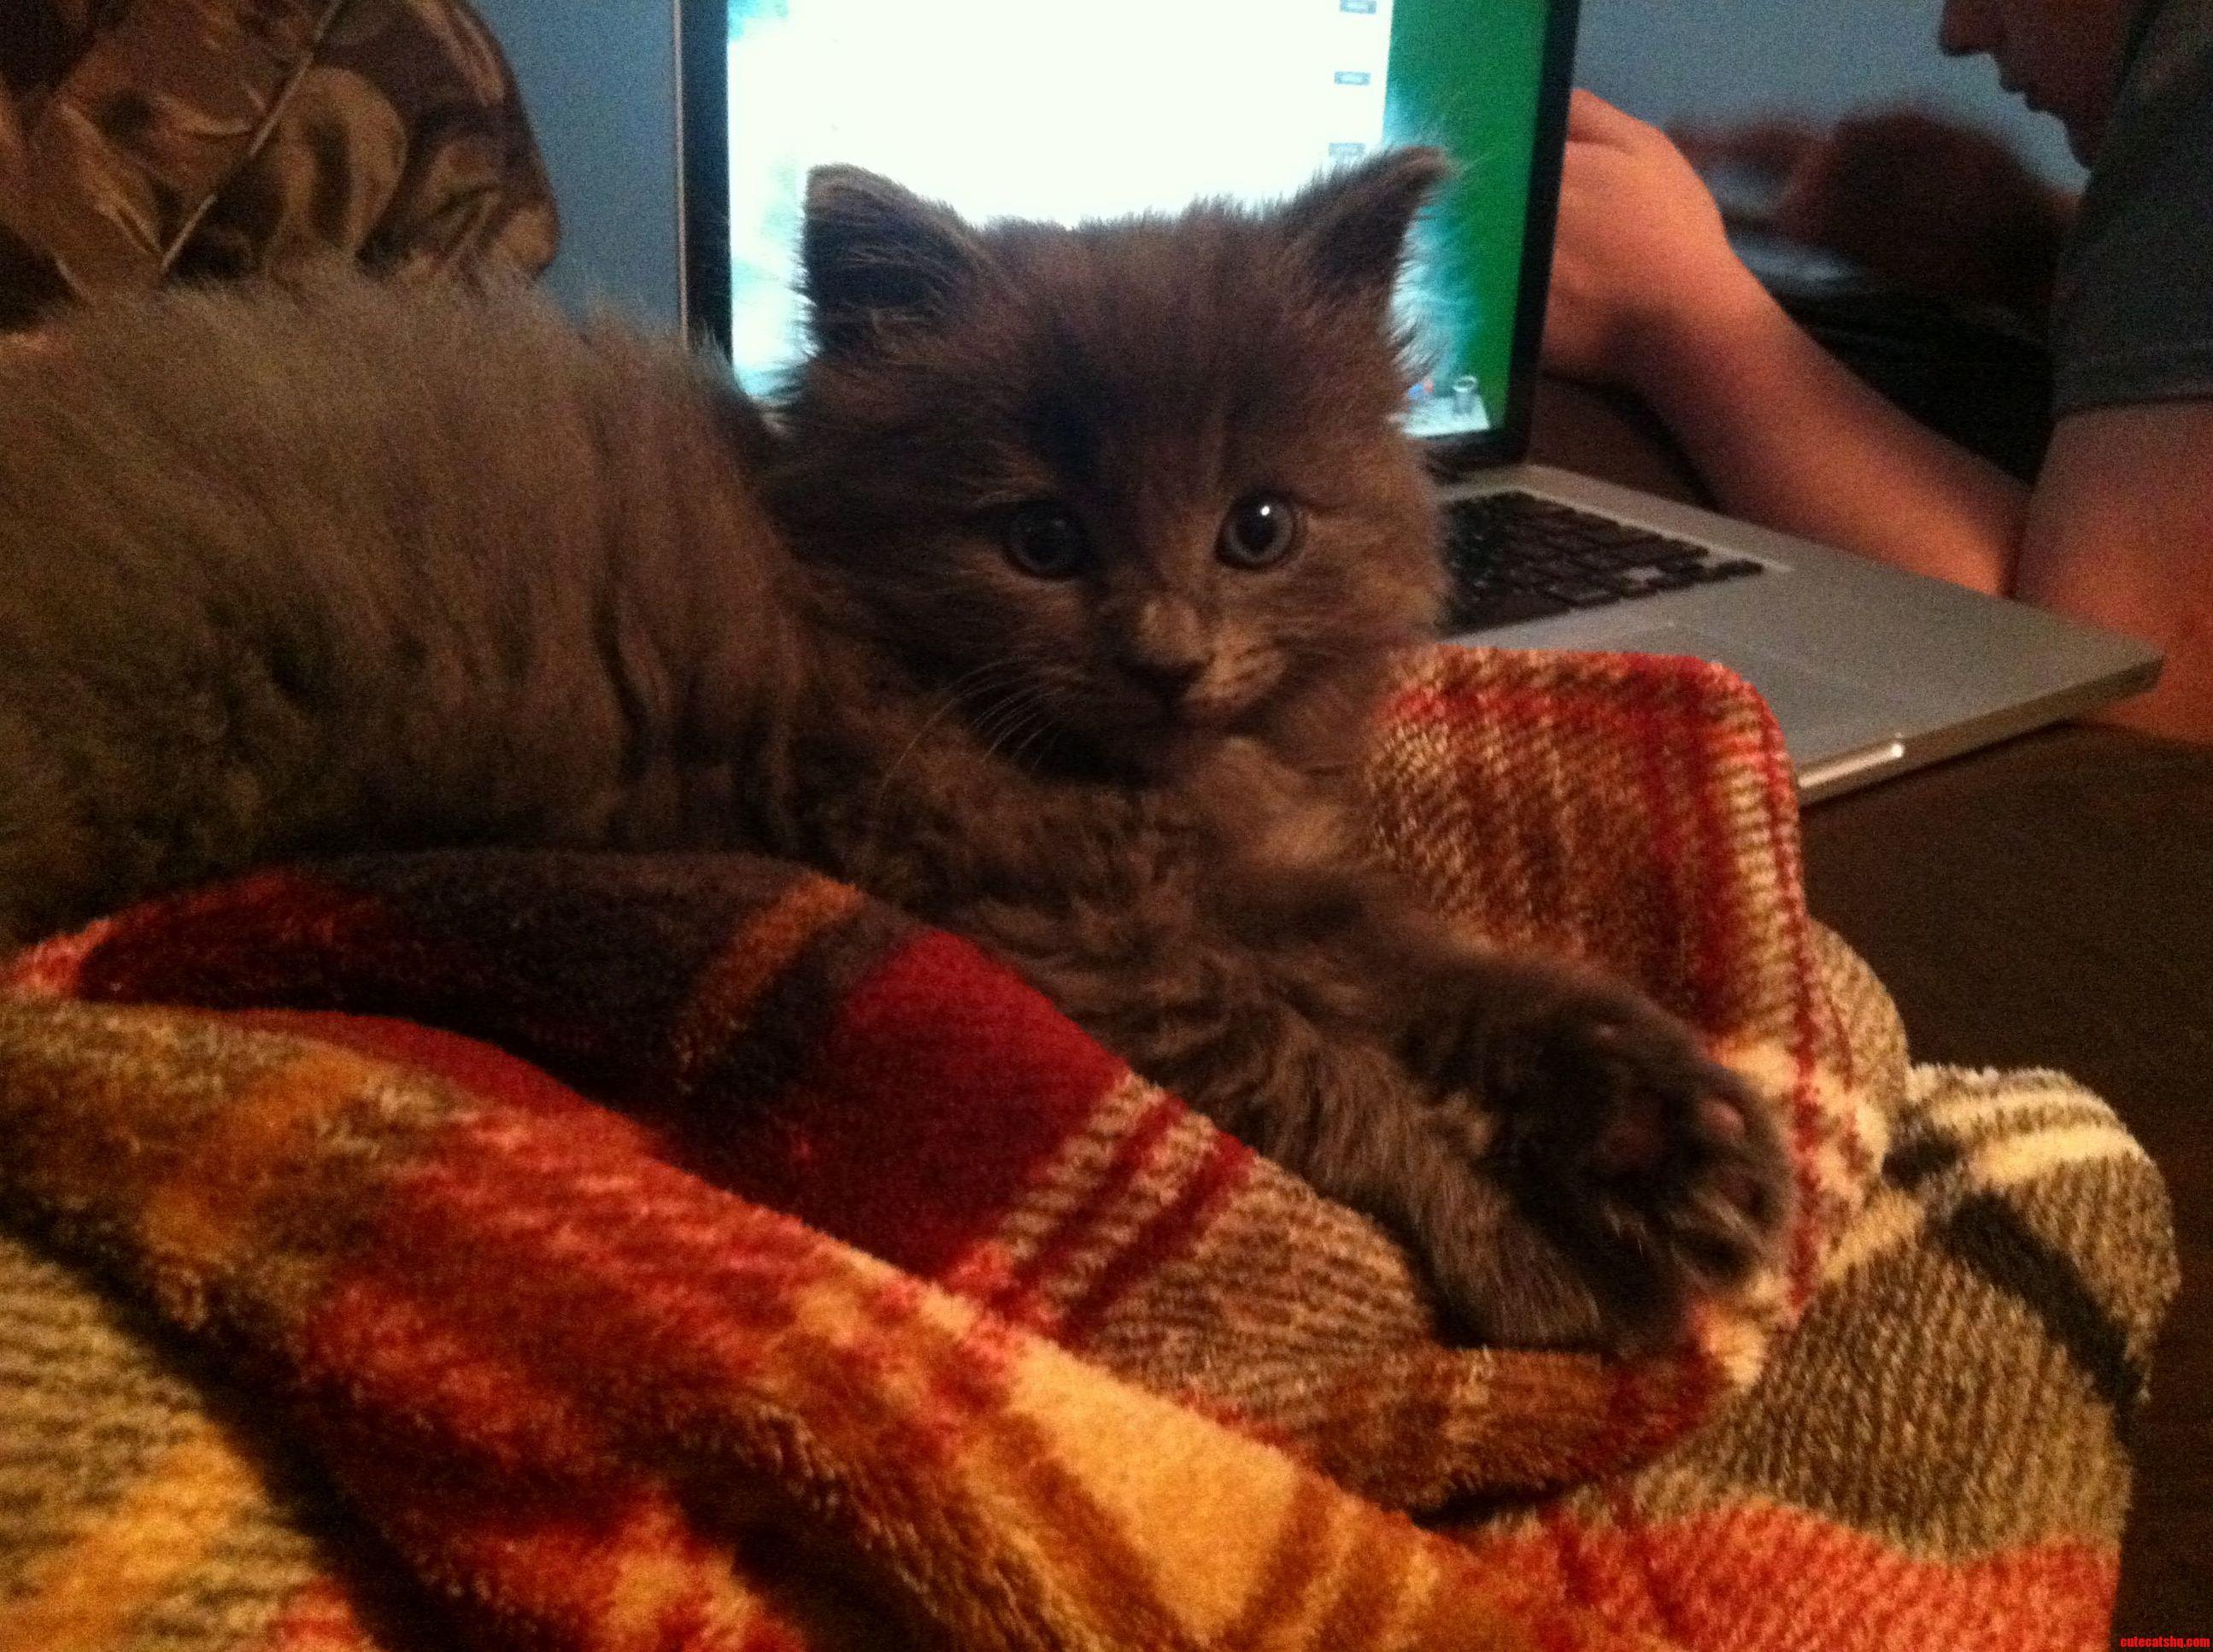 Meet J. Catsby